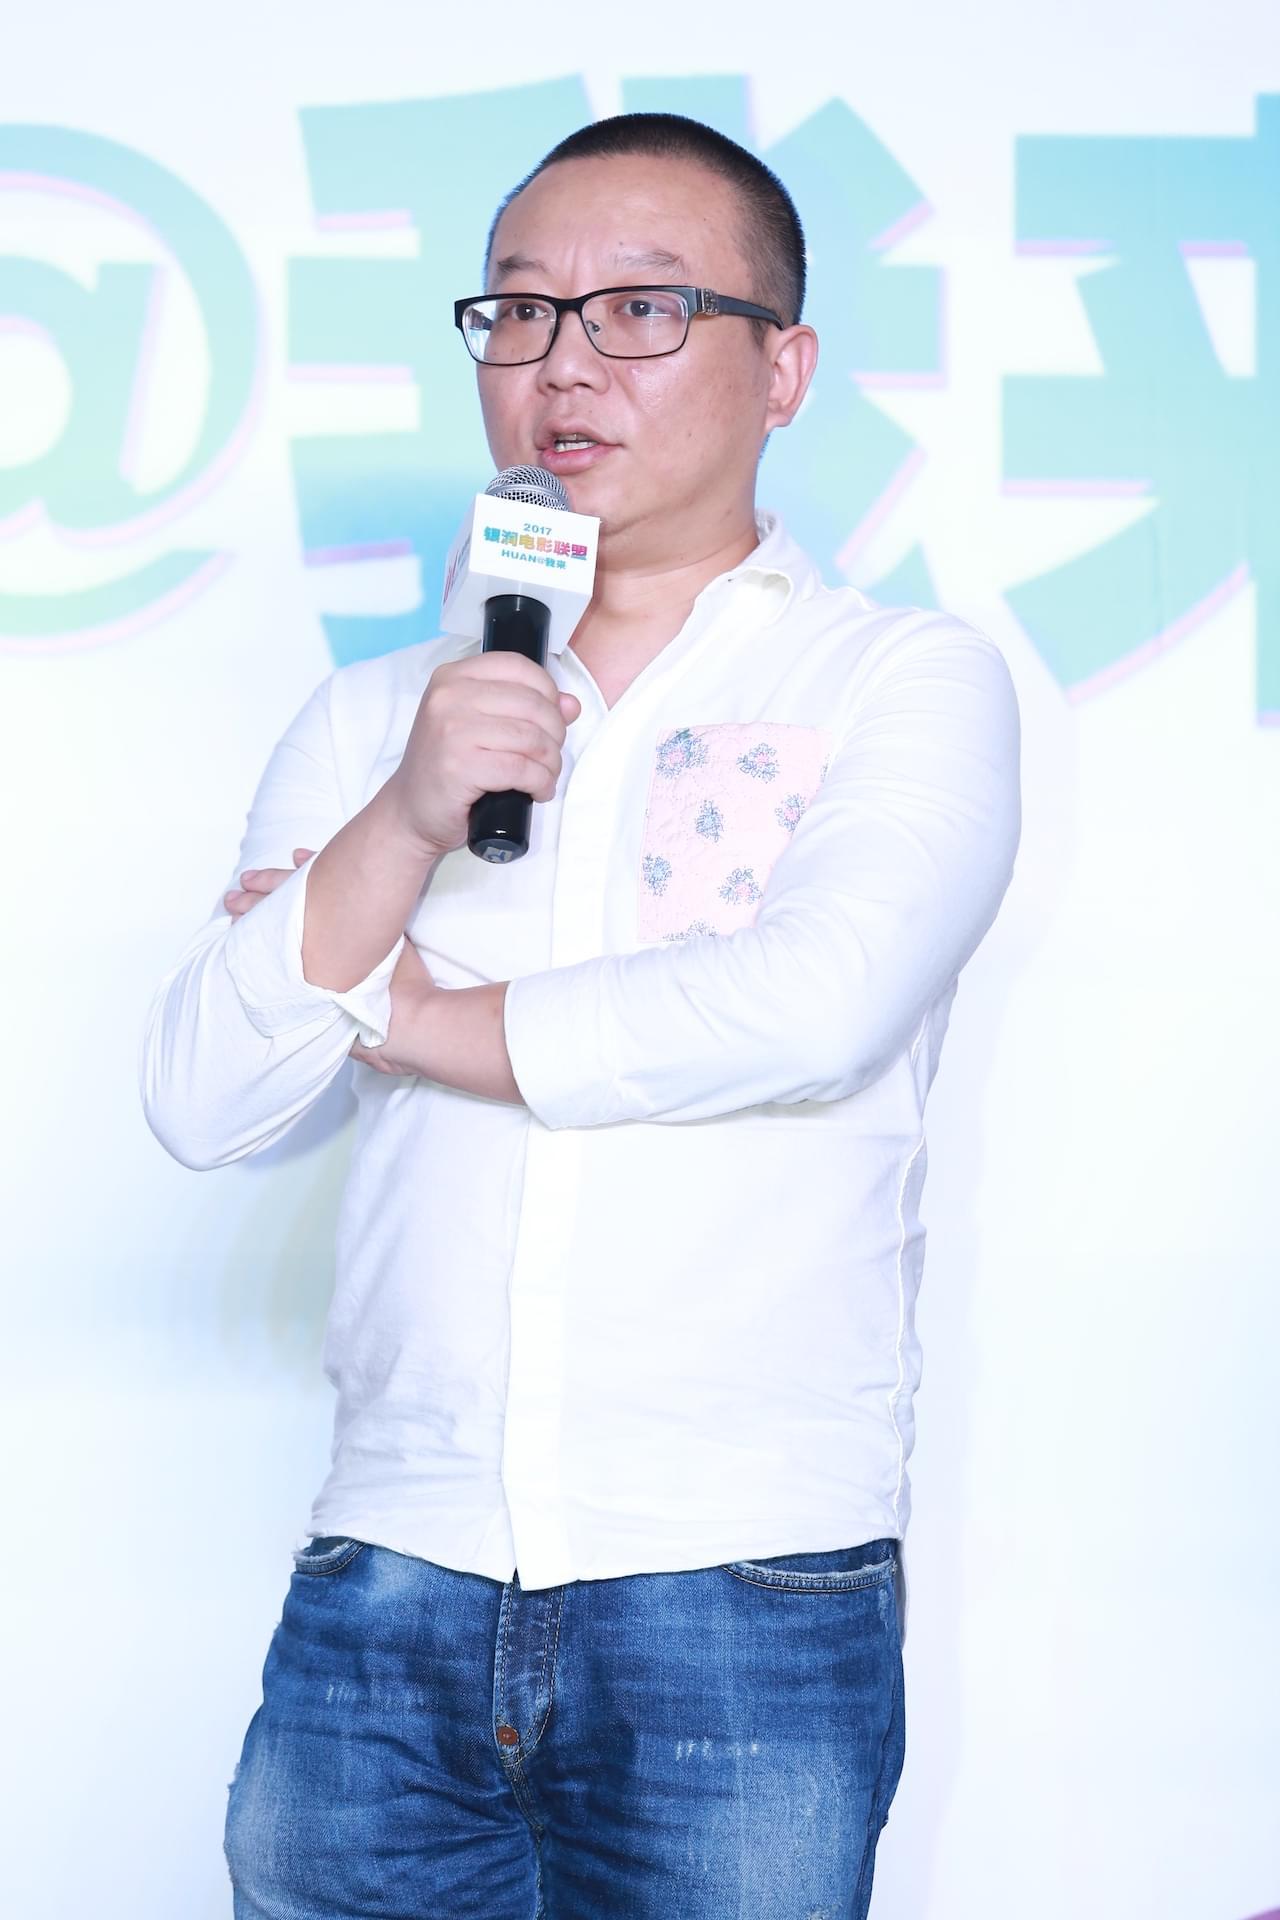 银润《无忧之地》曝海报 张睿打造中国式科幻